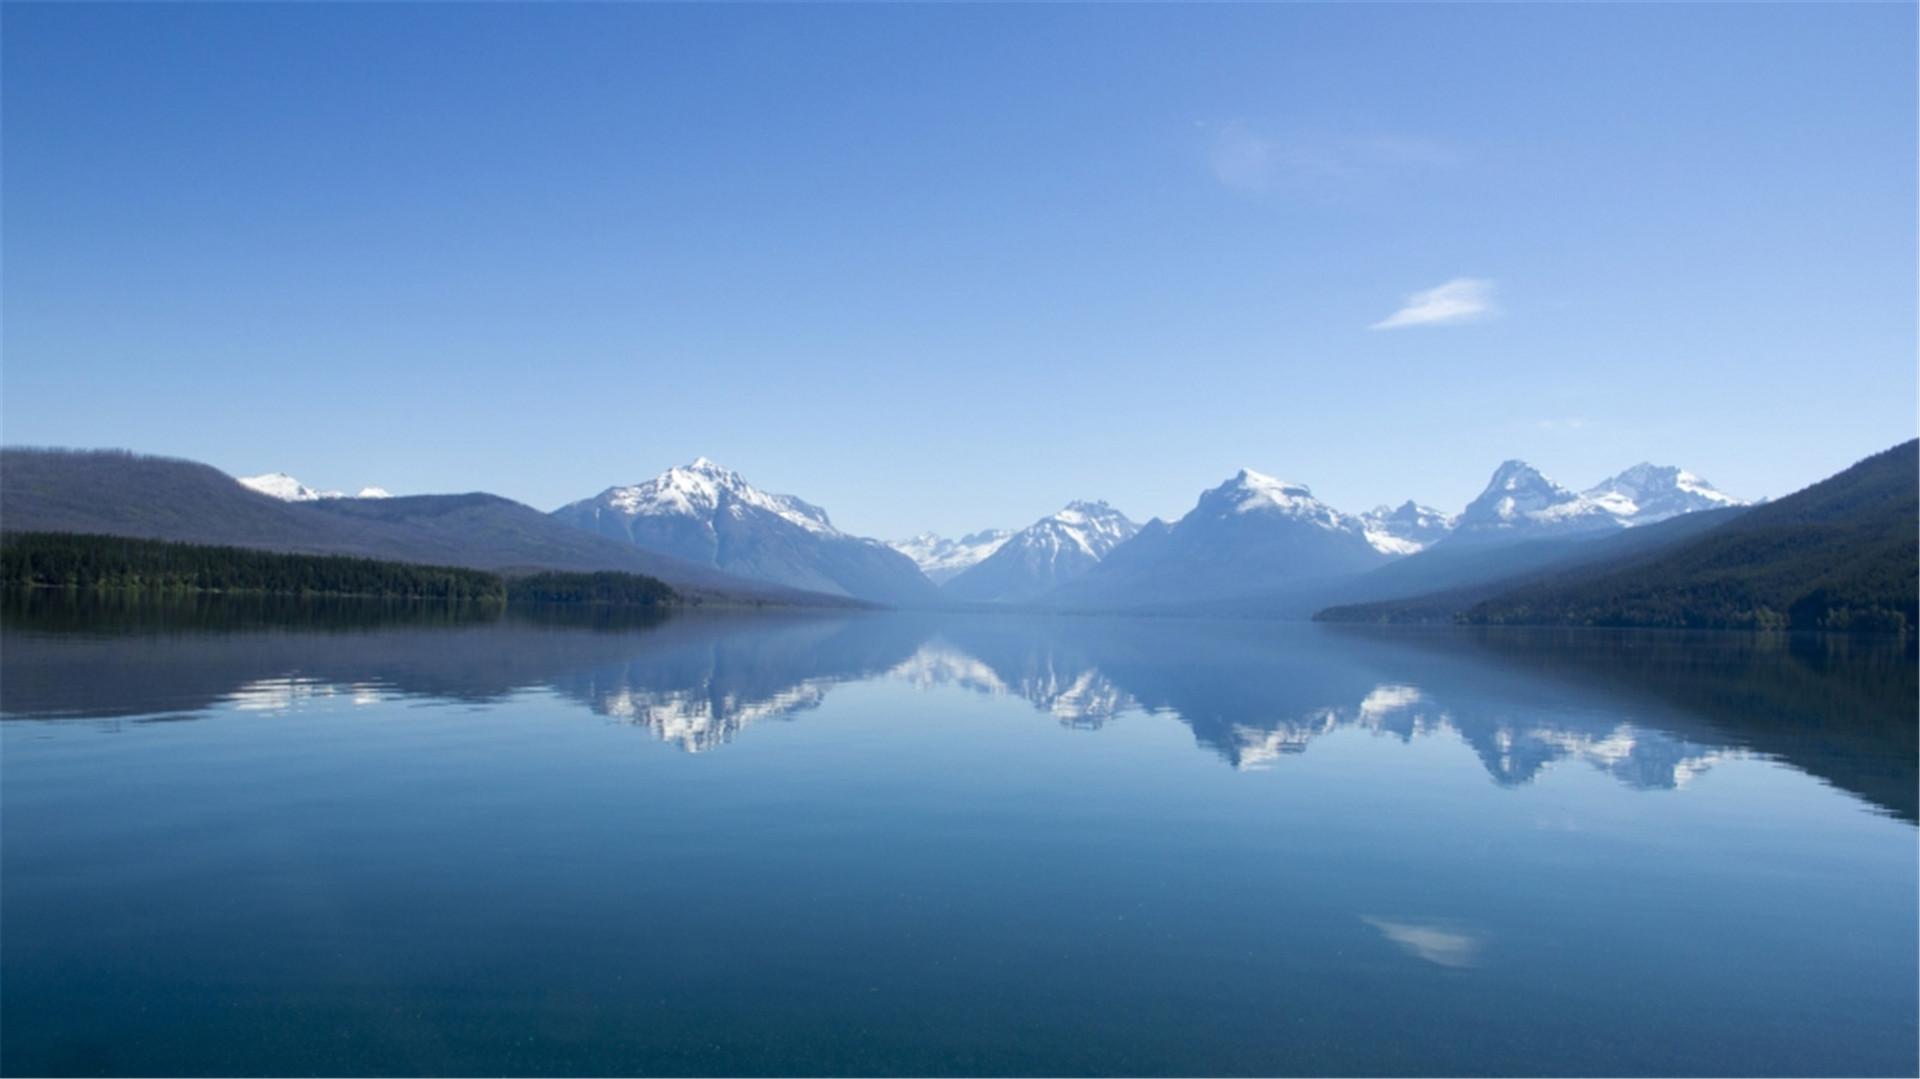 高清唯美的大自然山水风景绿色护眼电脑桌面图片